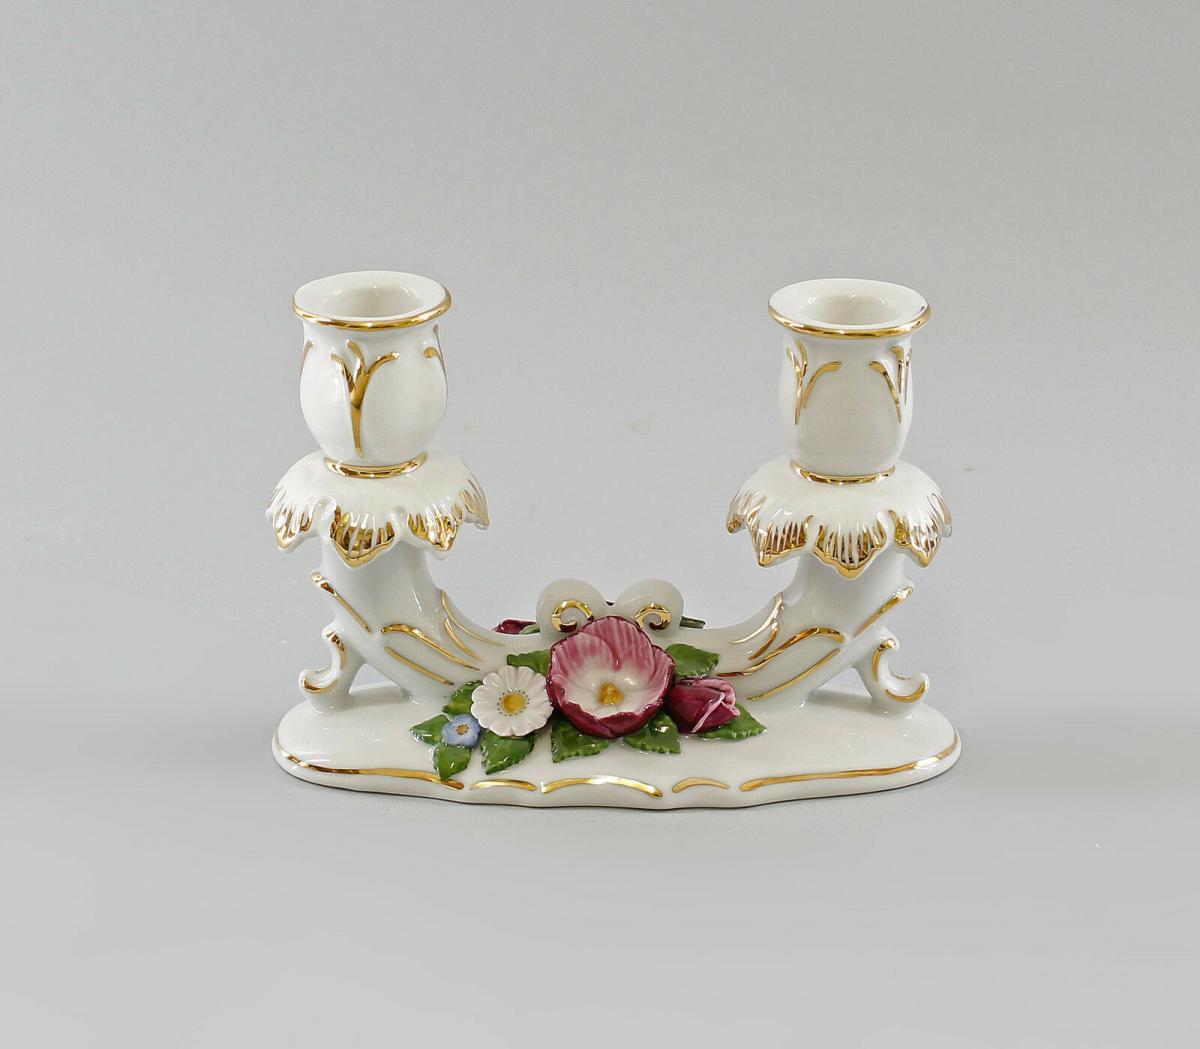 9997351 Zweiarmiger Leuchter mit Blumen Ens Porzellan 15x10cm 0